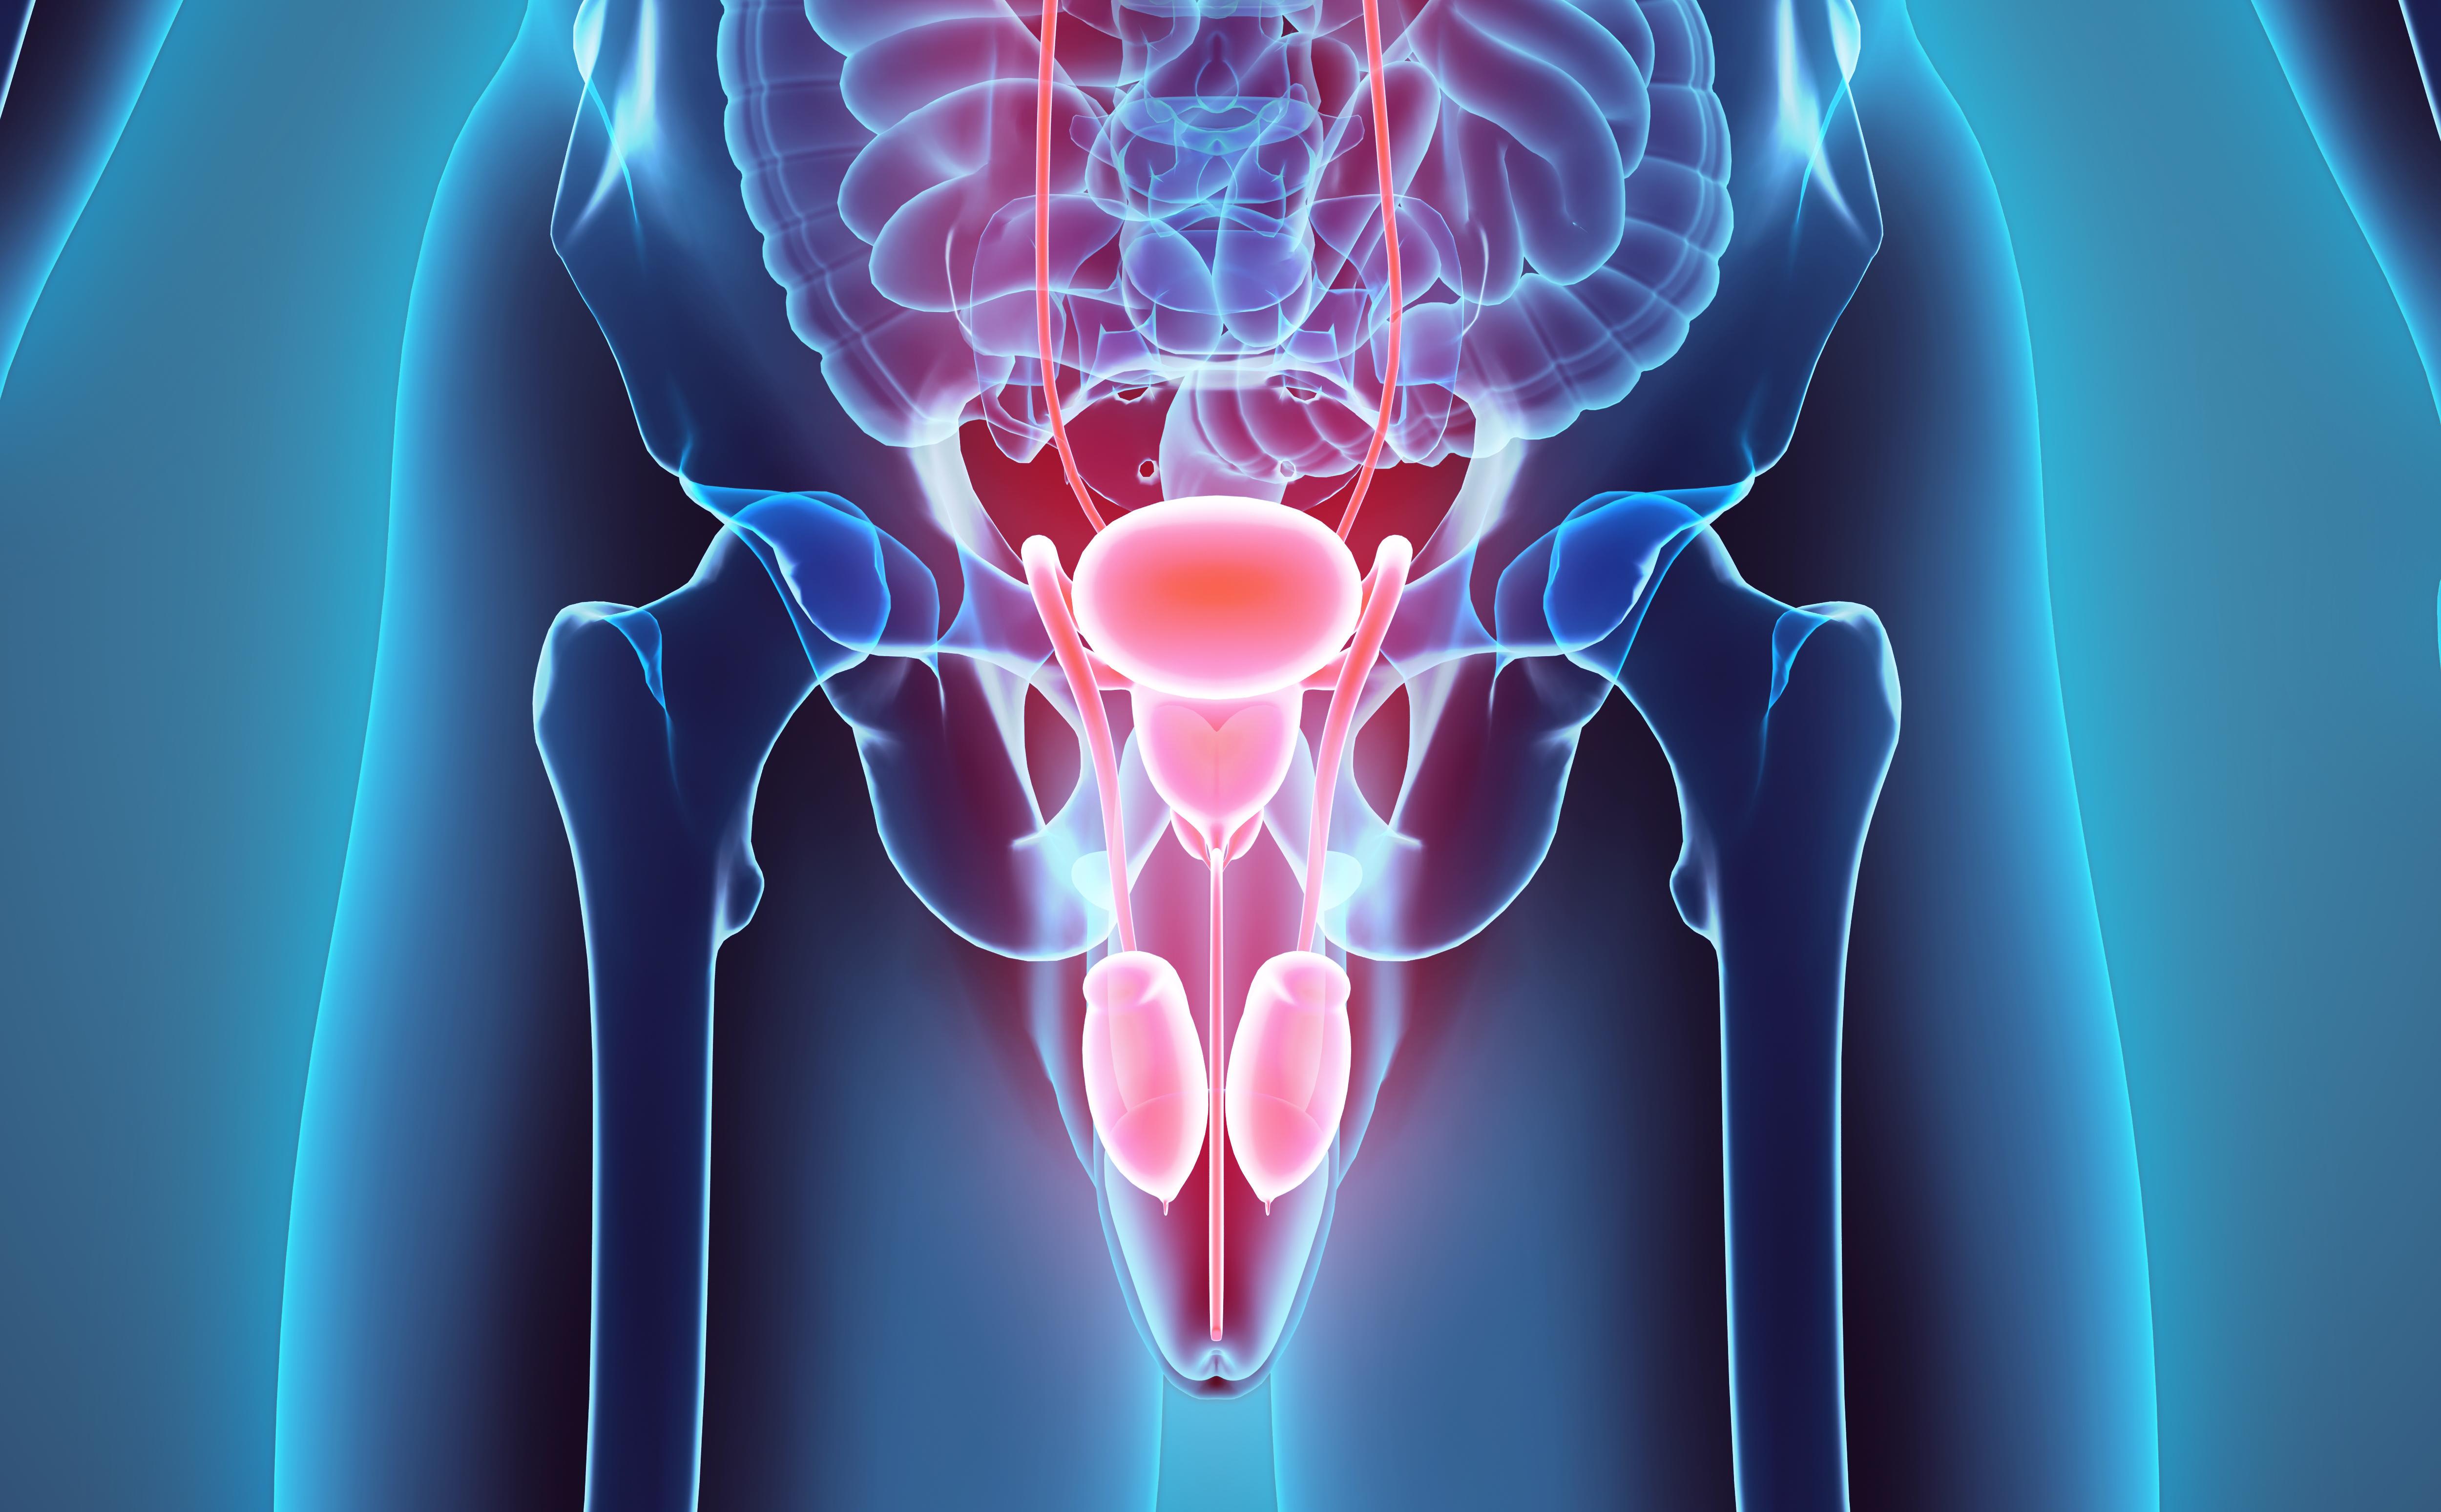 Betroffene Gebiete bei Harnröhrenkrebs illustriert